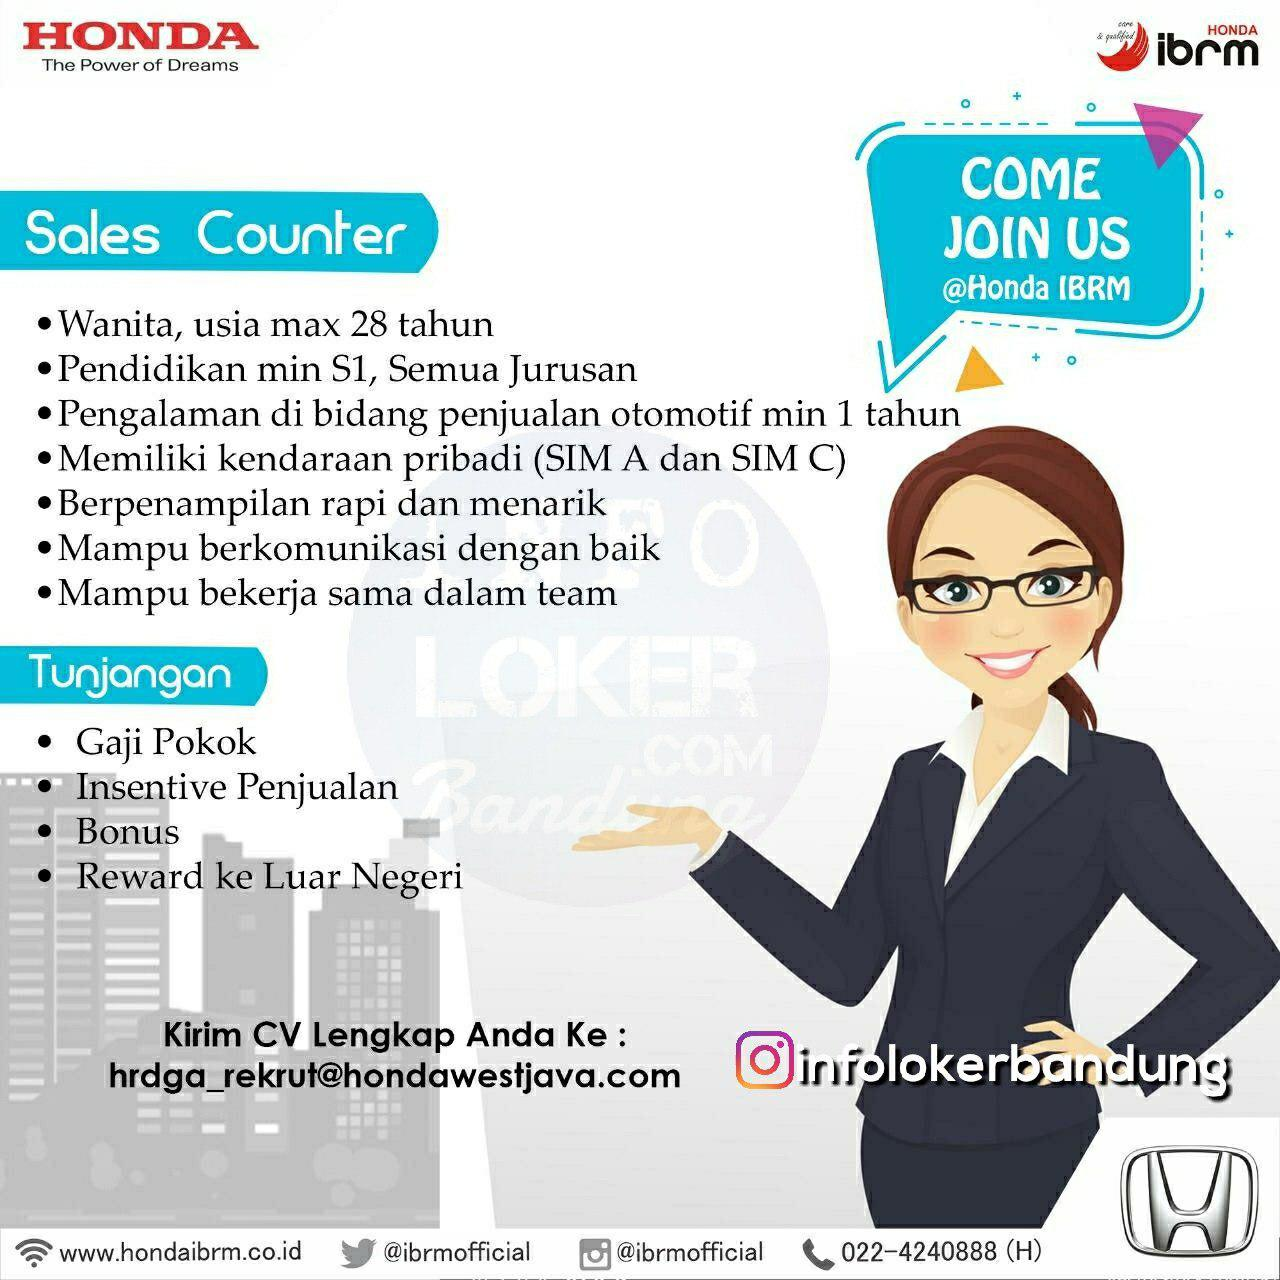 Lowongan Kerja Honda IBRM Bandung Desember 2018